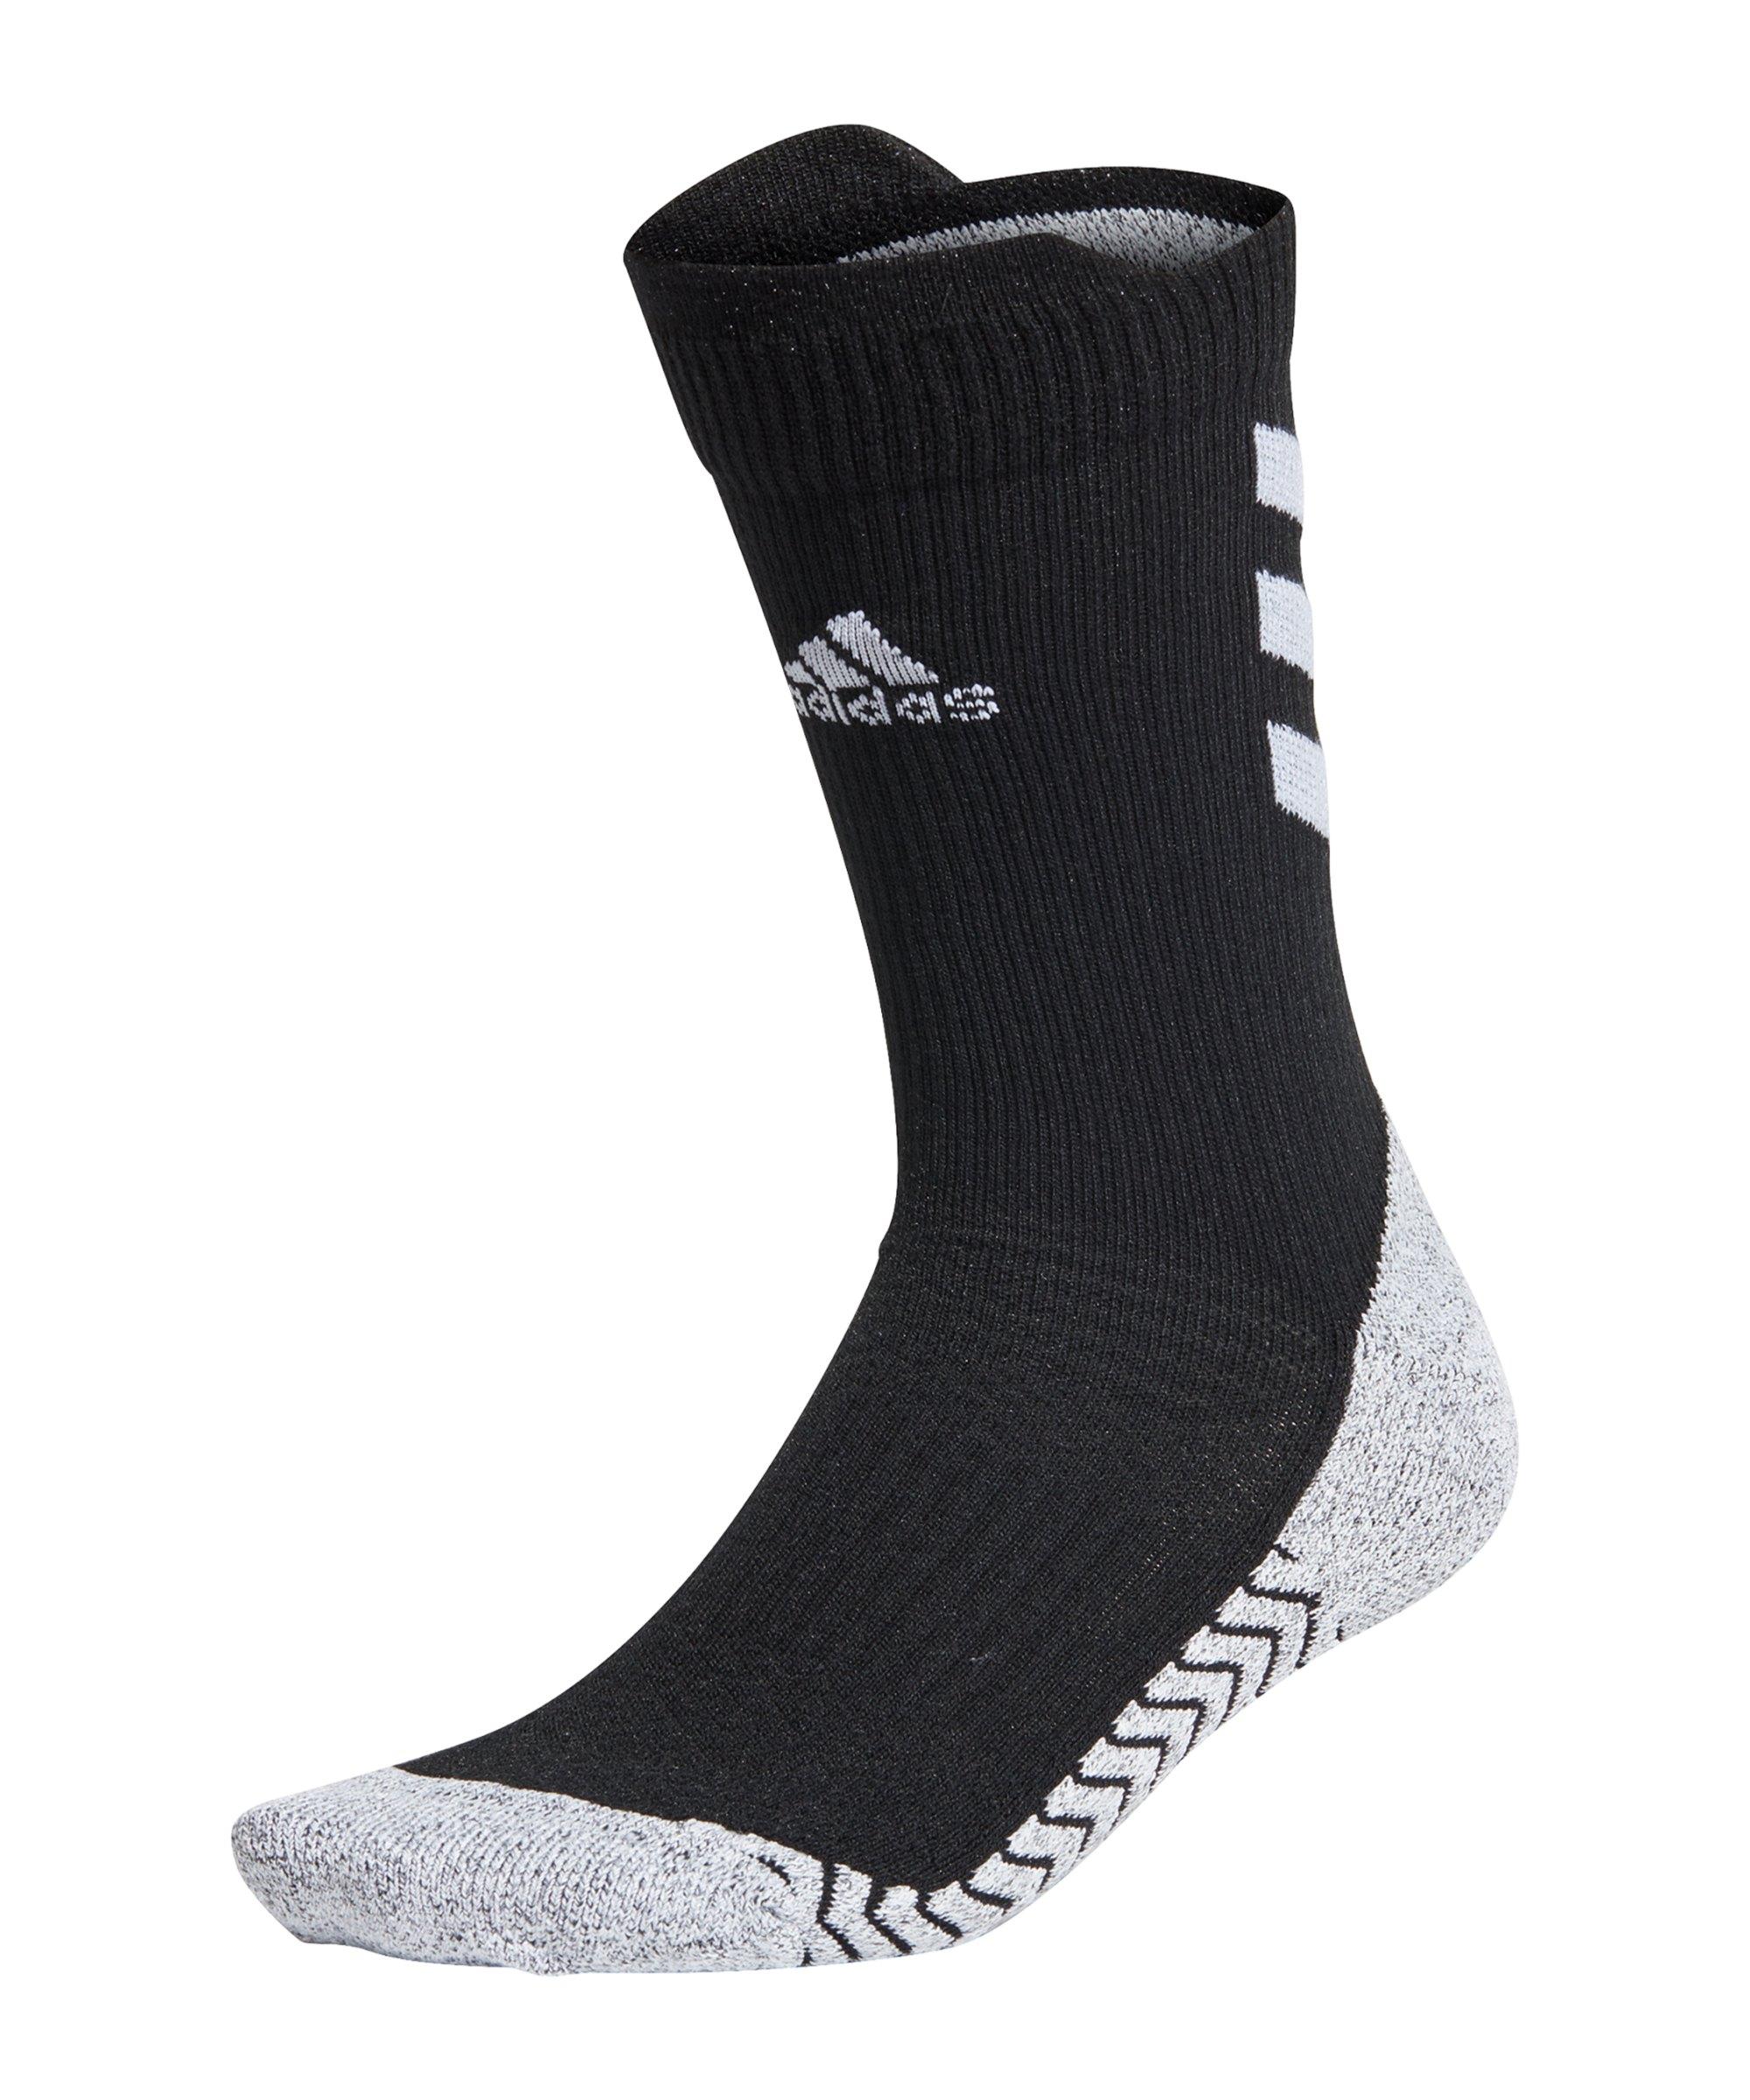 adidas Alphaskin Crew Socken Schwarz Weiss - schwarz